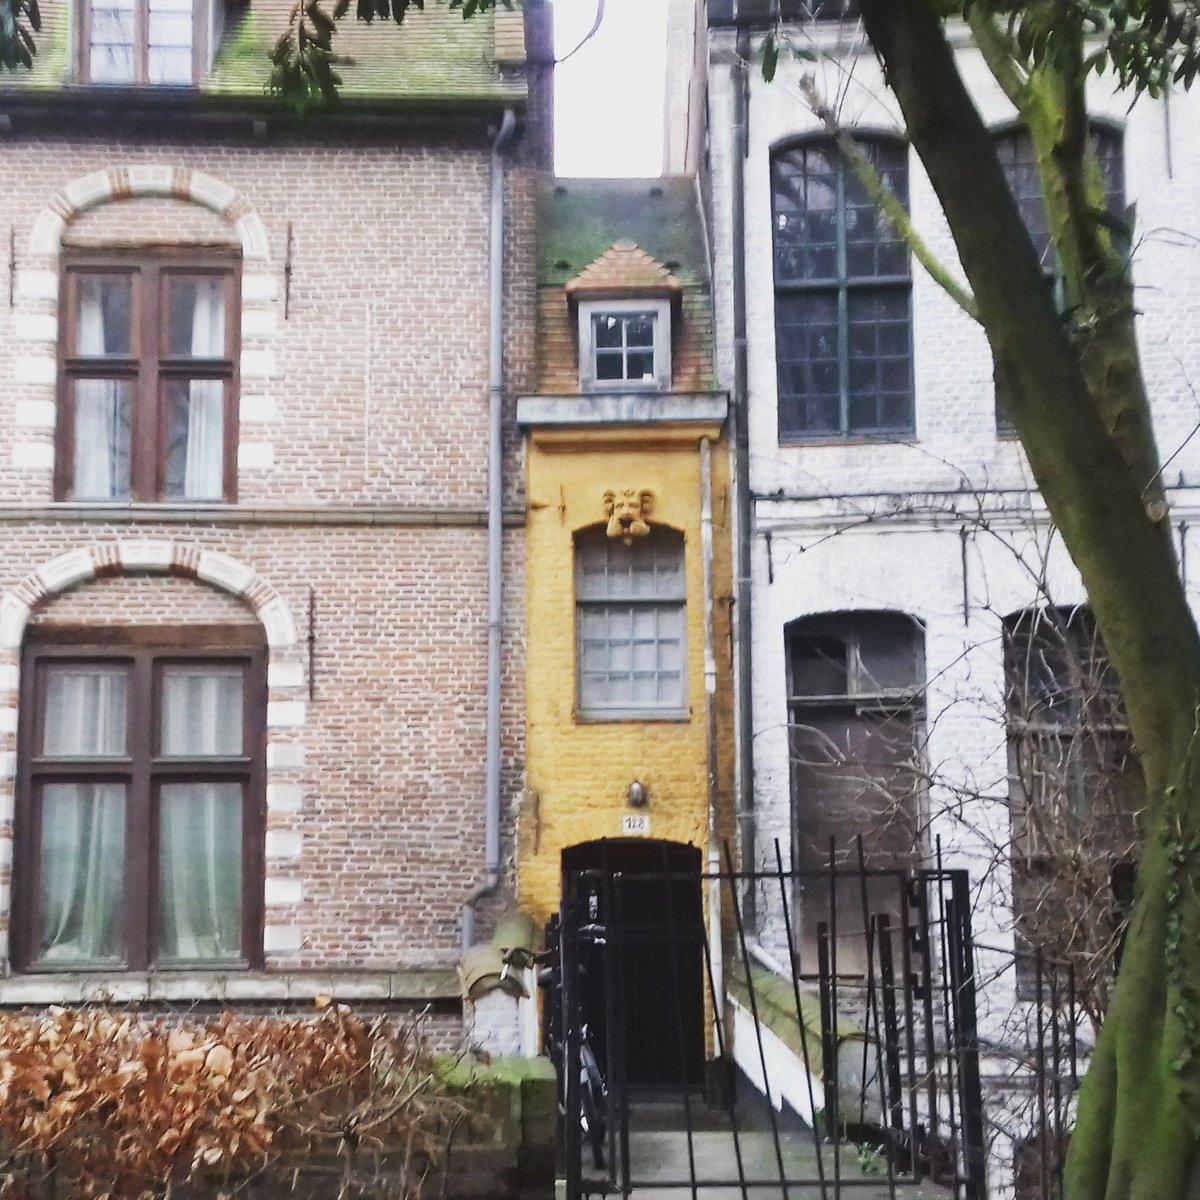 julie de waroquier on twitter la plus petite maison de lille. Black Bedroom Furniture Sets. Home Design Ideas